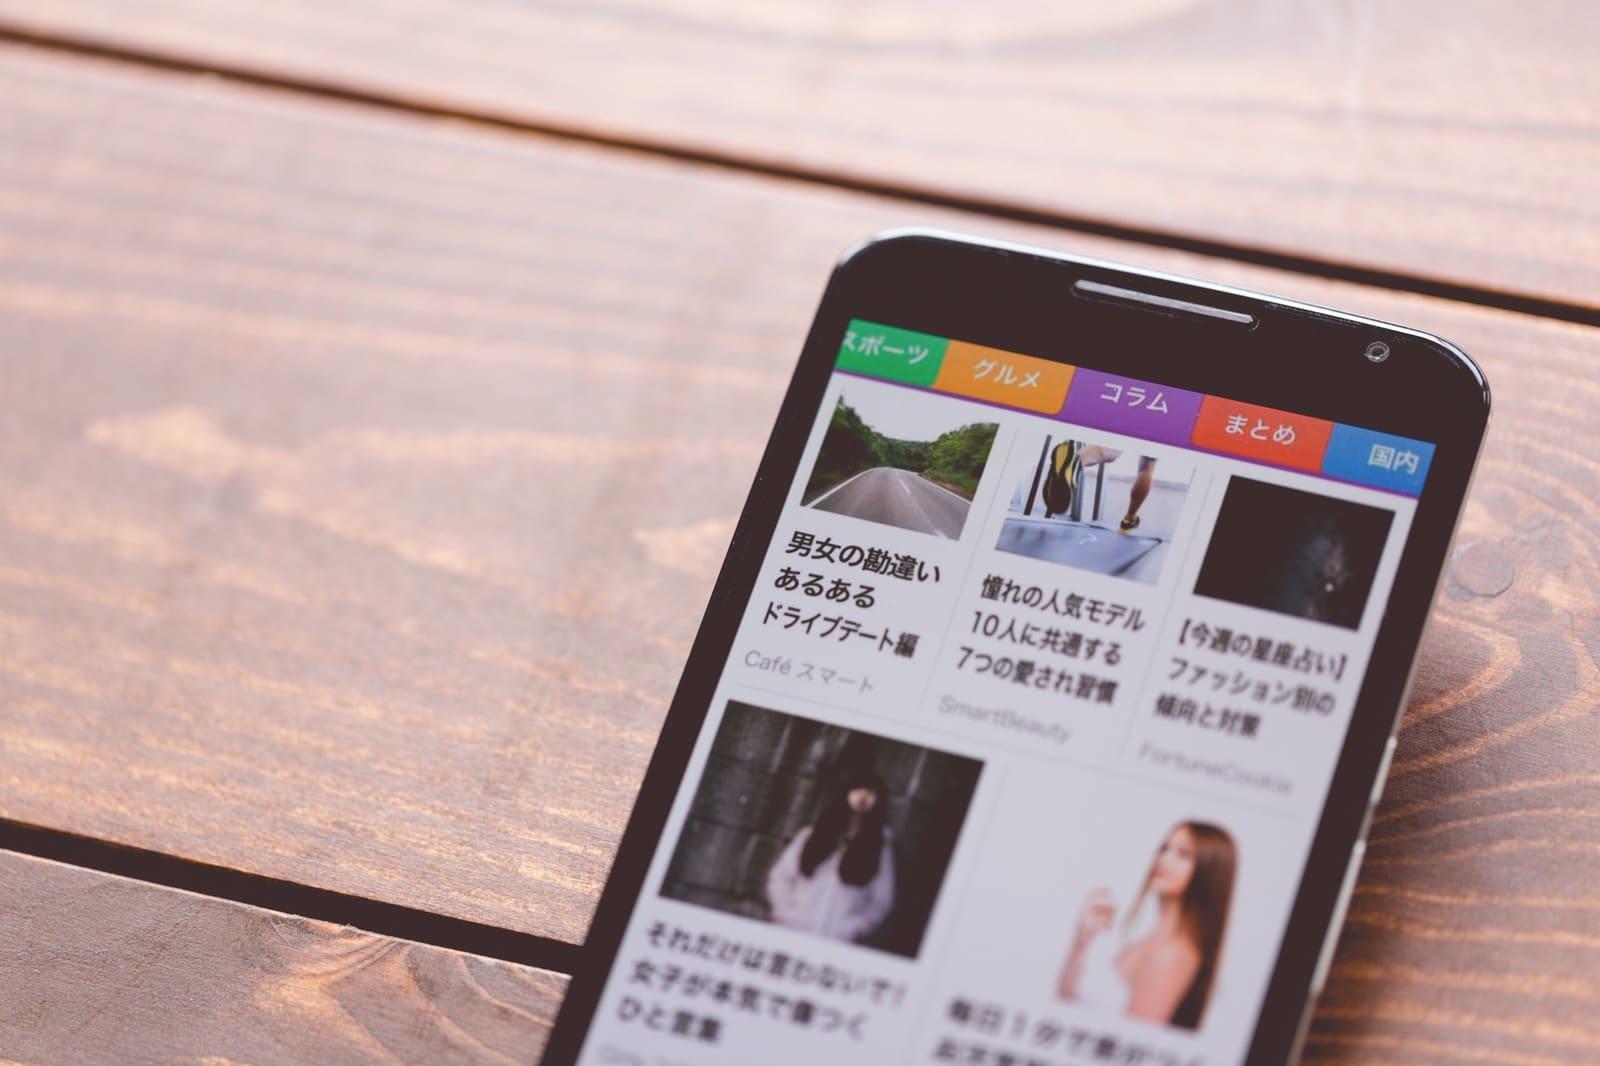 スマートフォン 画面